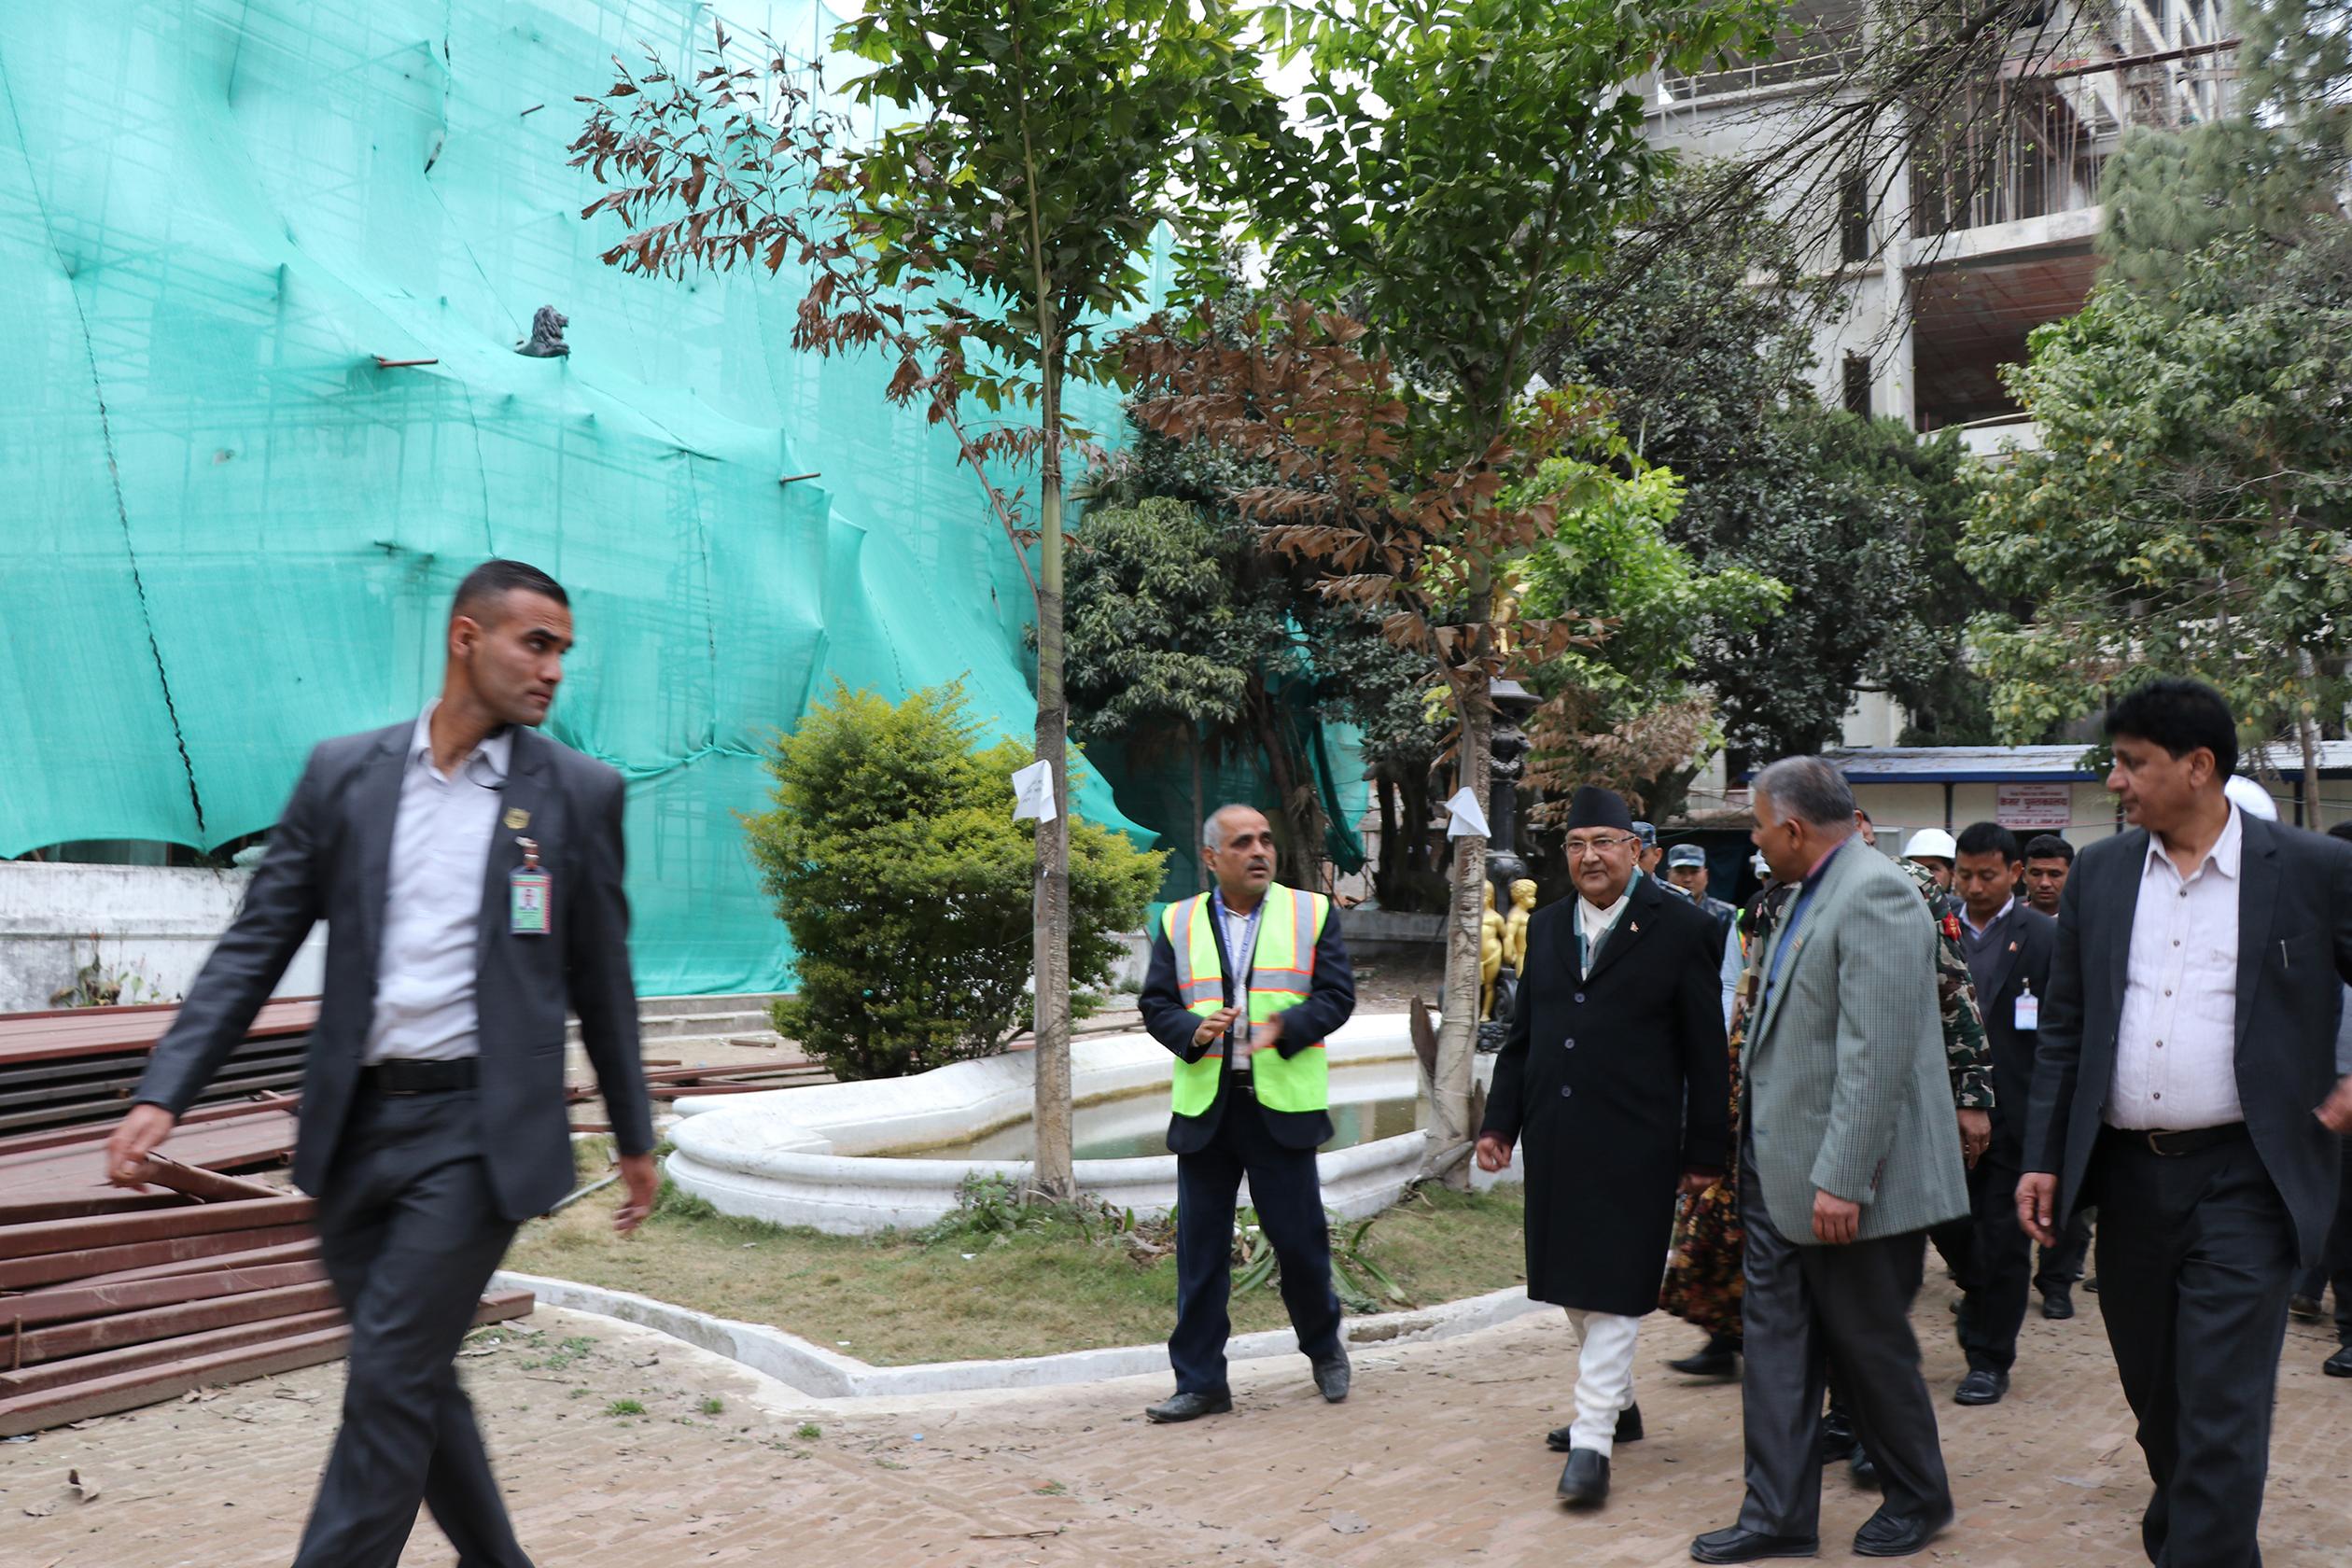 केशर महलको अवलोकन गर्नु हुँदै प्रधानमन्त्री केपी शर्मा ओली